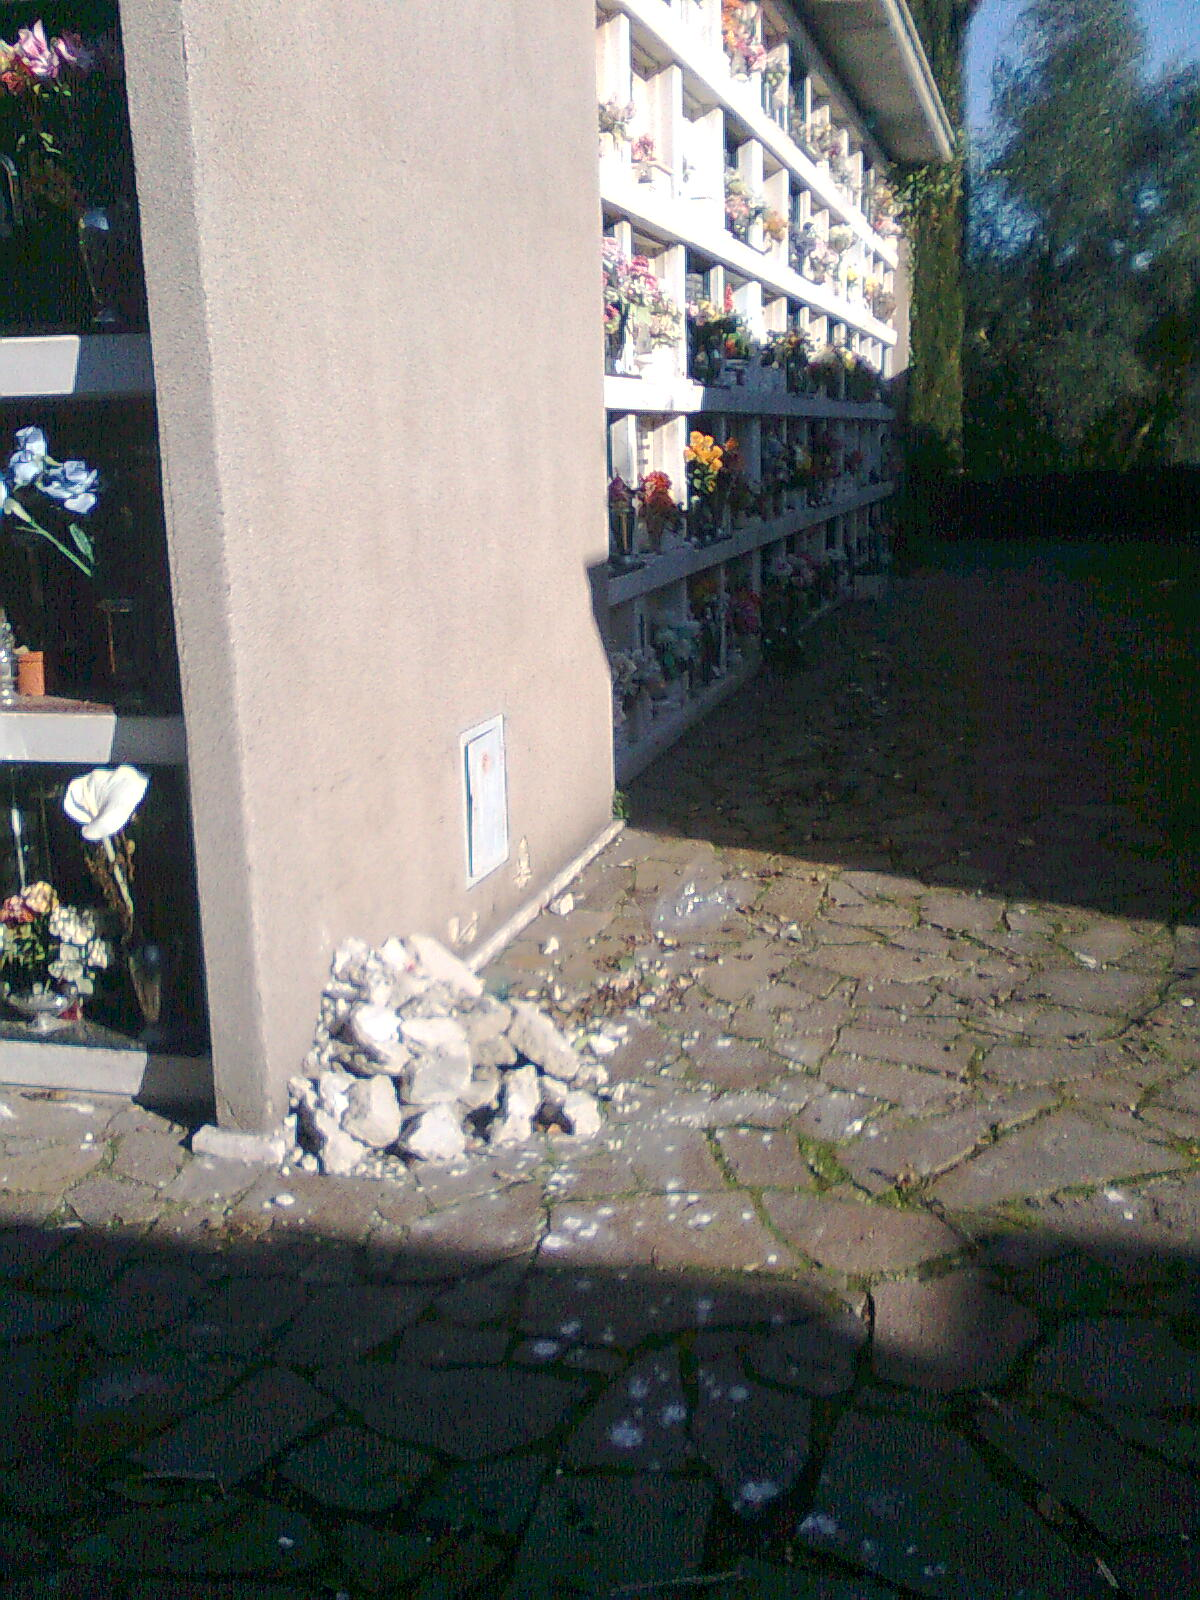 Rita coltellese scrivere cimitero flaminio di roma - Cimitero flaminio prima porta ...